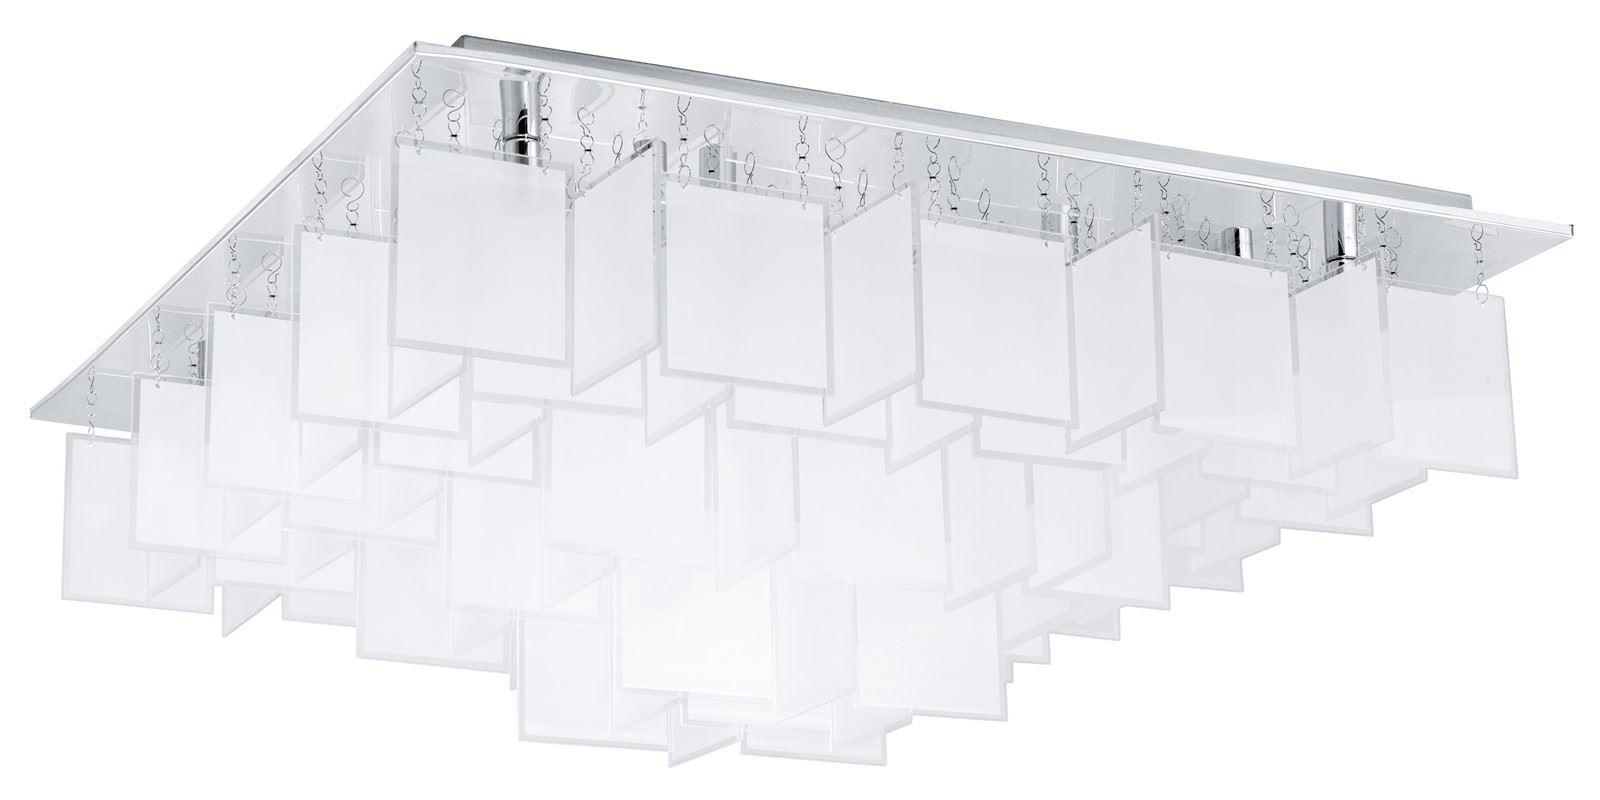 Condrada Ceiling Light 16 Light G9 Chrome Satinated Clear